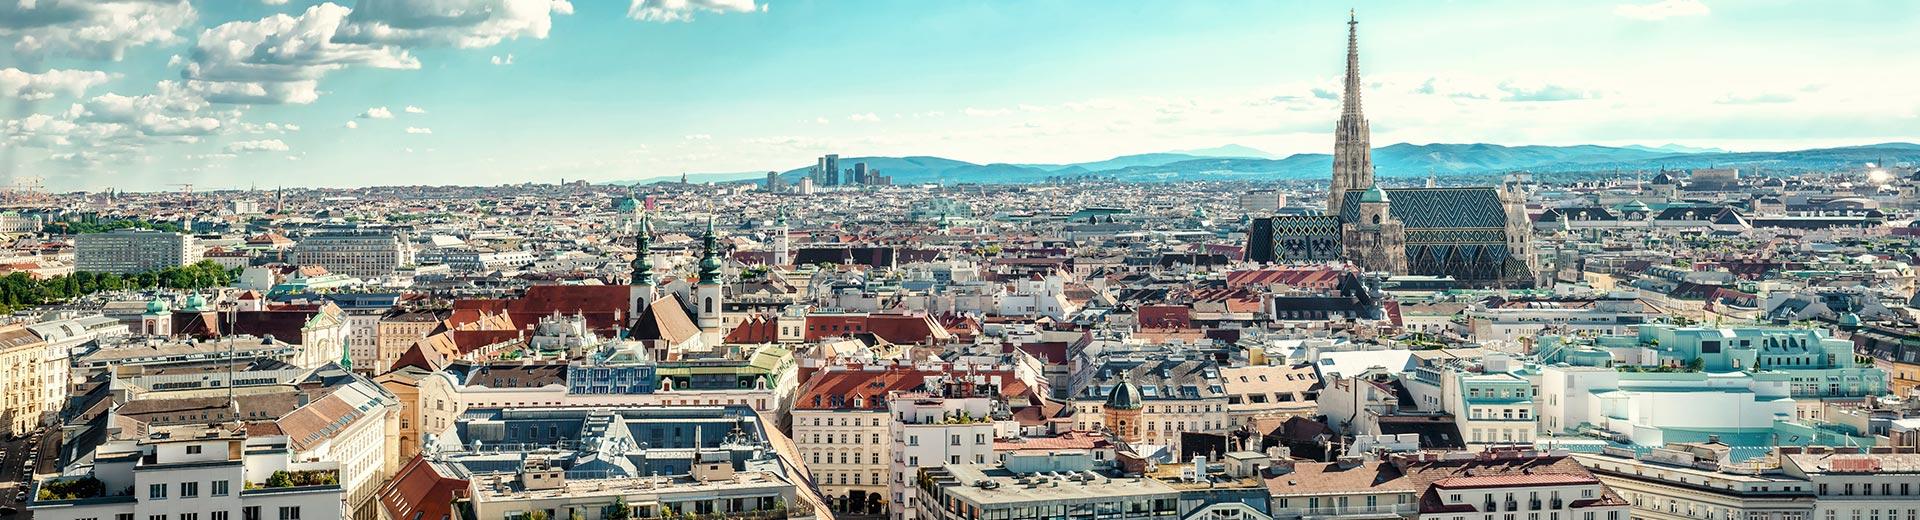 Gruppenreise Wien - Package Gruppen Budget Bahn